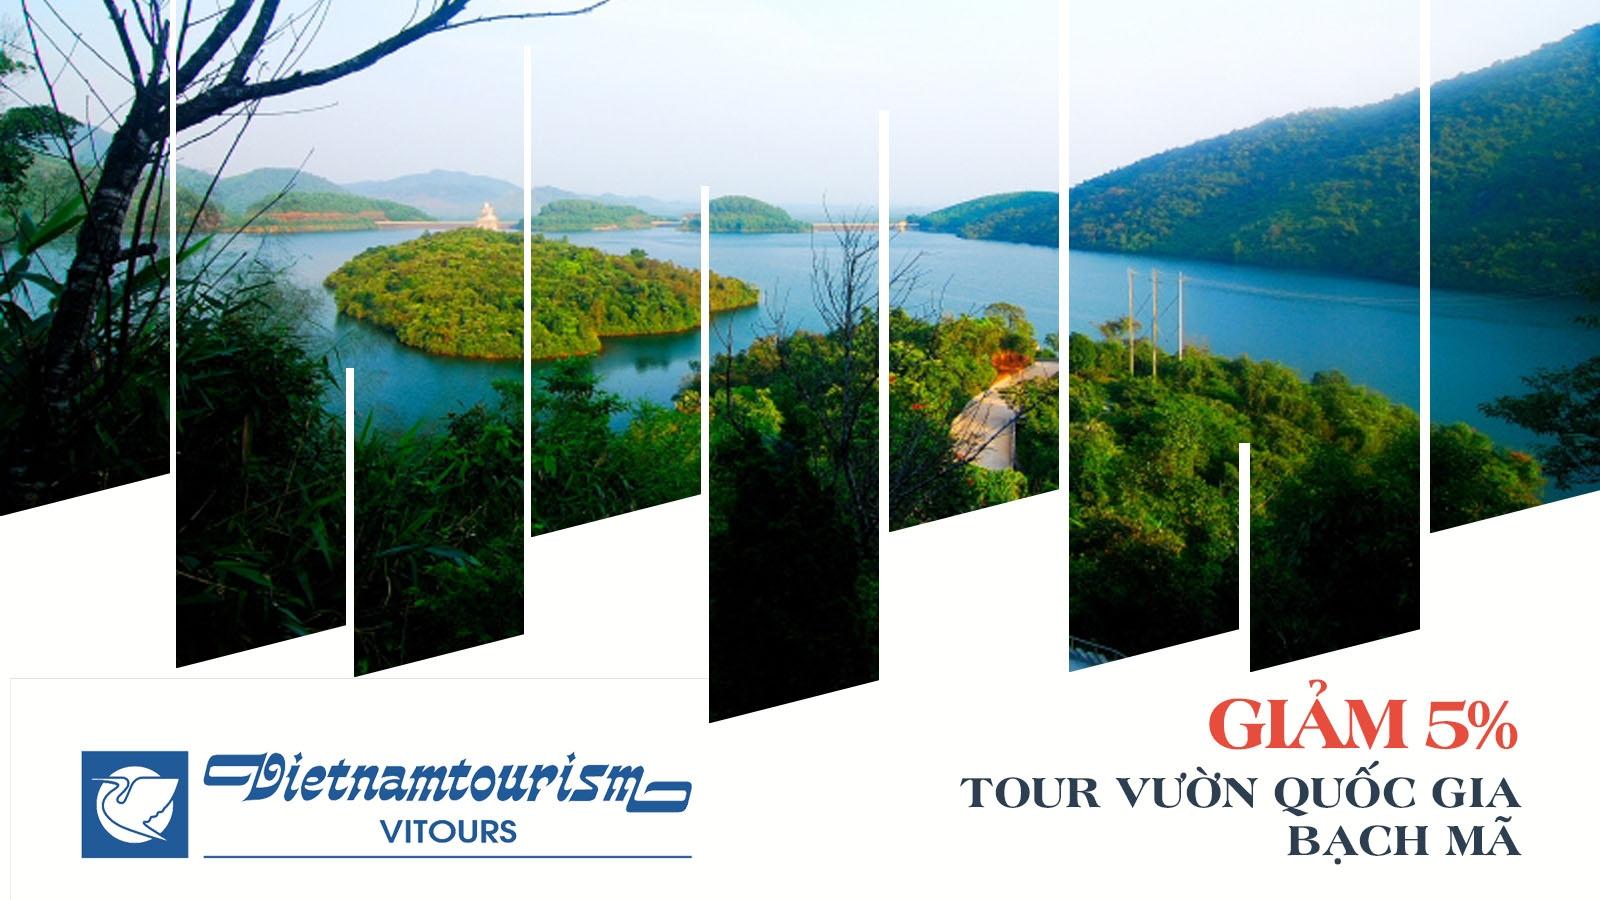 Vitours giảm 5% tour Vườn Quốc gia Bạch Mã 1